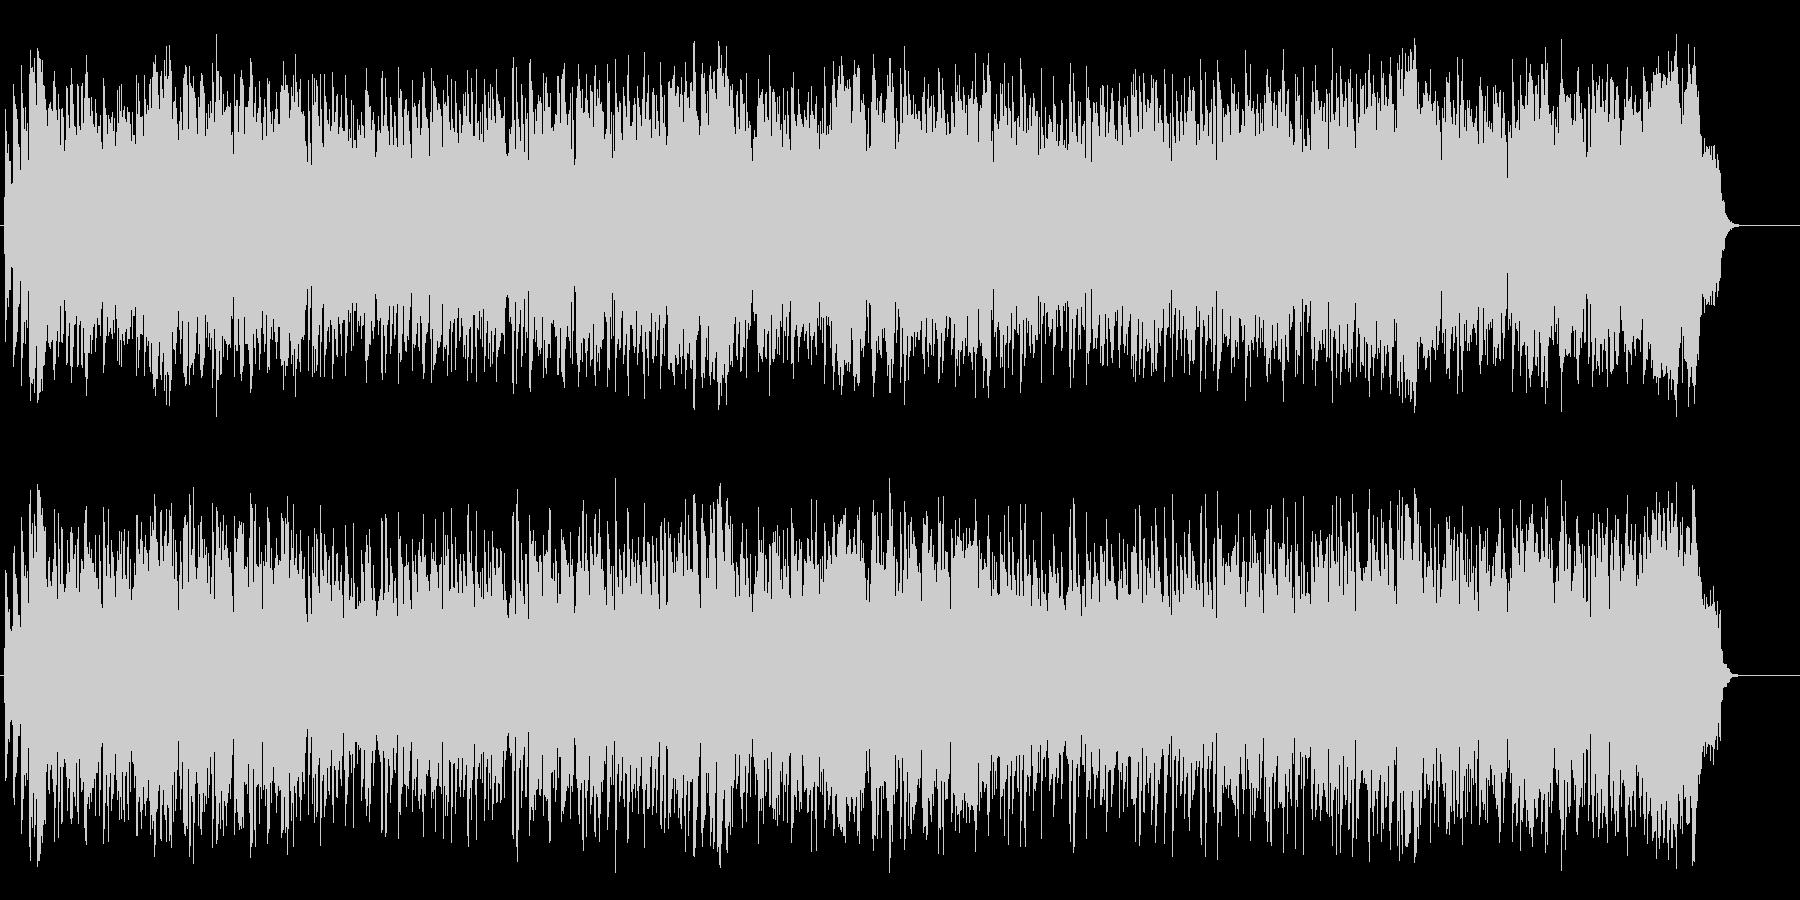 穏やかなミディアム・バラード/ポップの未再生の波形